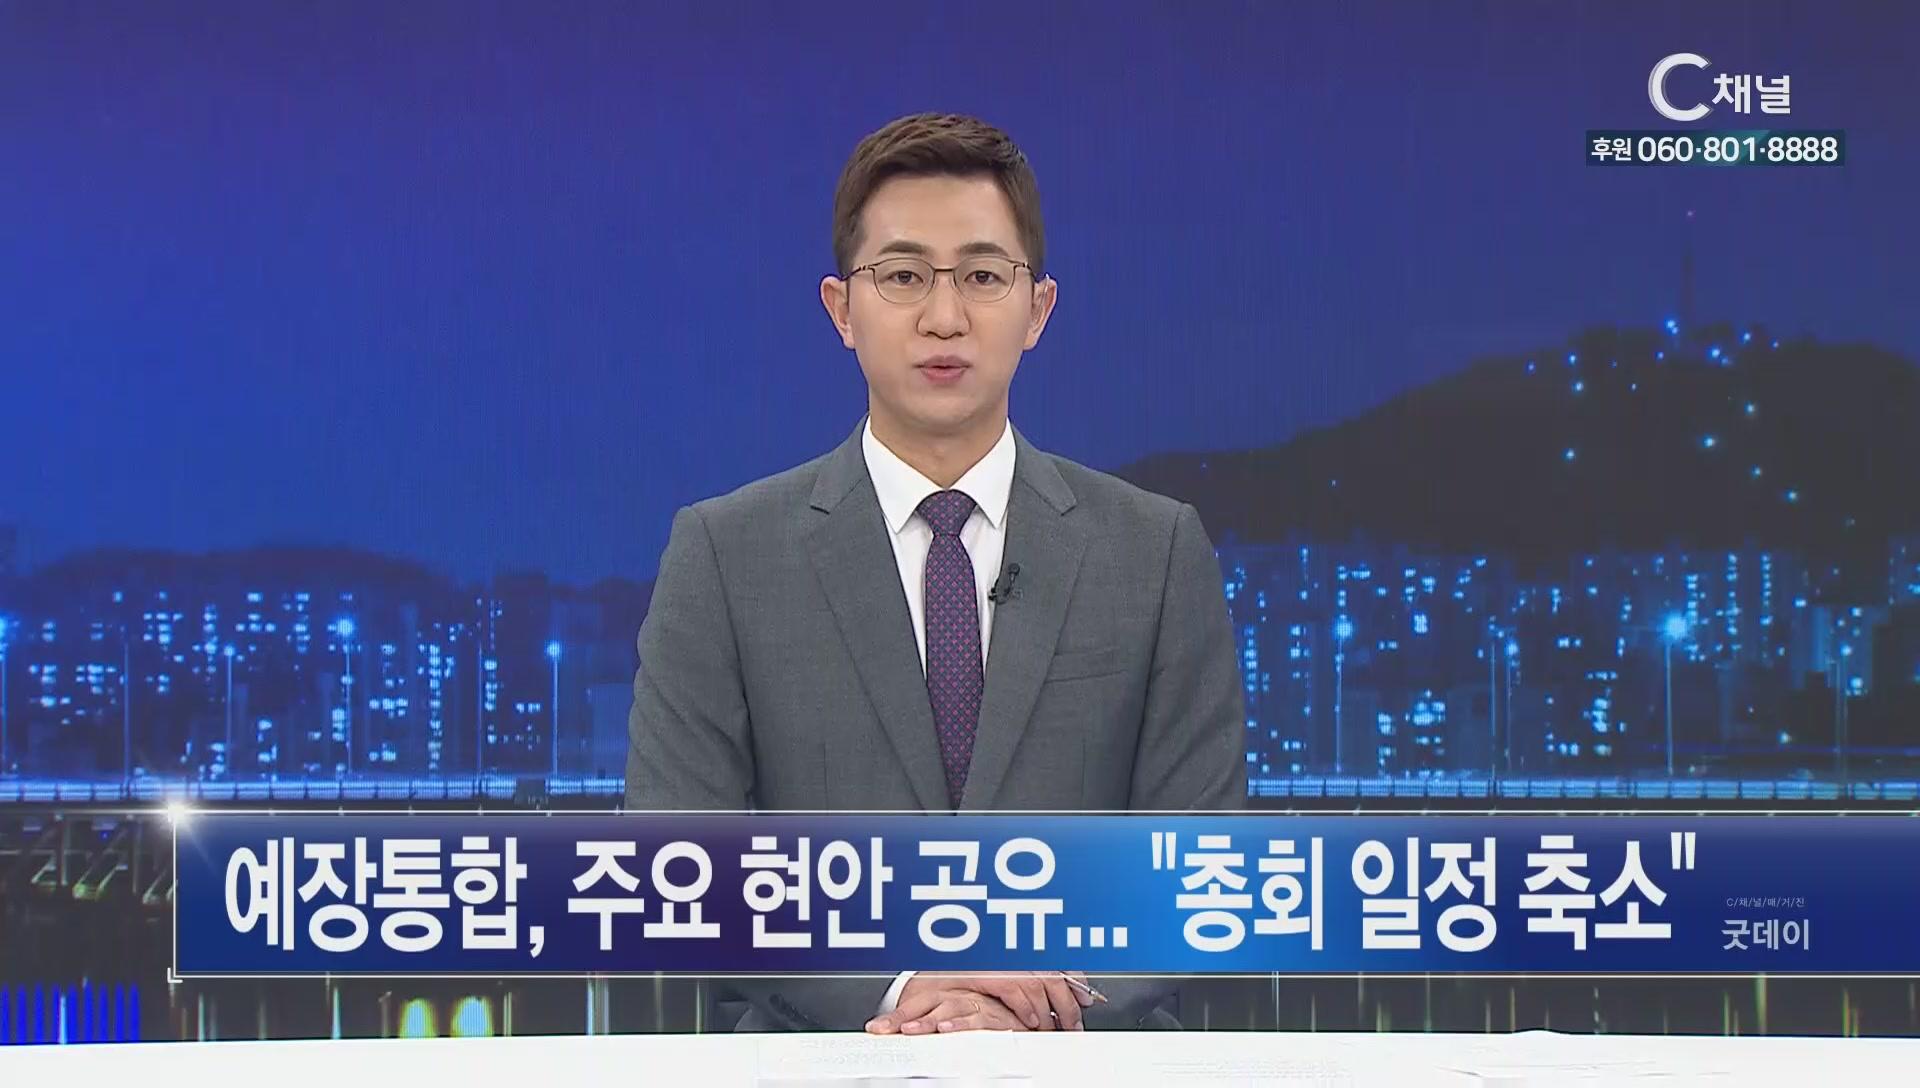 C채널 매거진 굿데이 2020년 07월 02일 C채널 뉴스